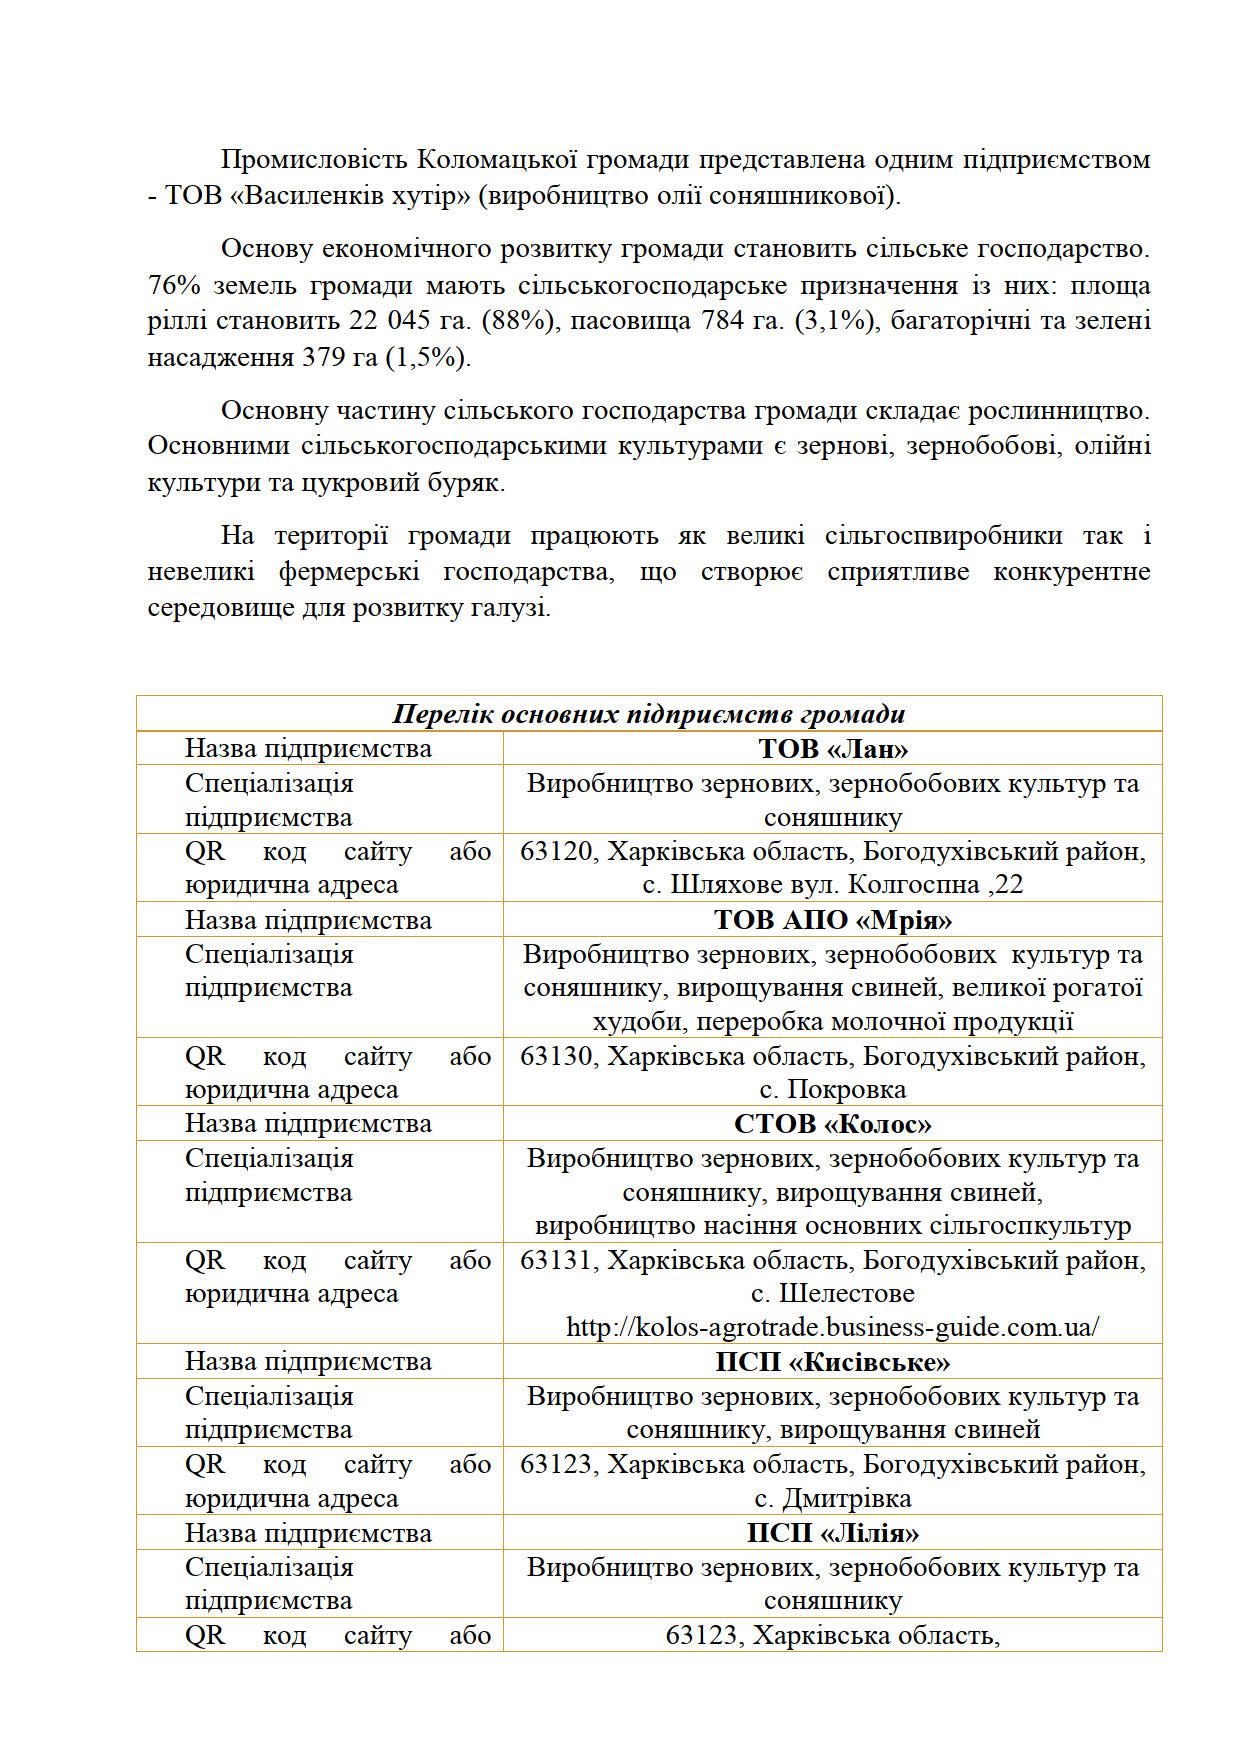 Microsoft Word - інвестиційний паспорт 2021 готов_10